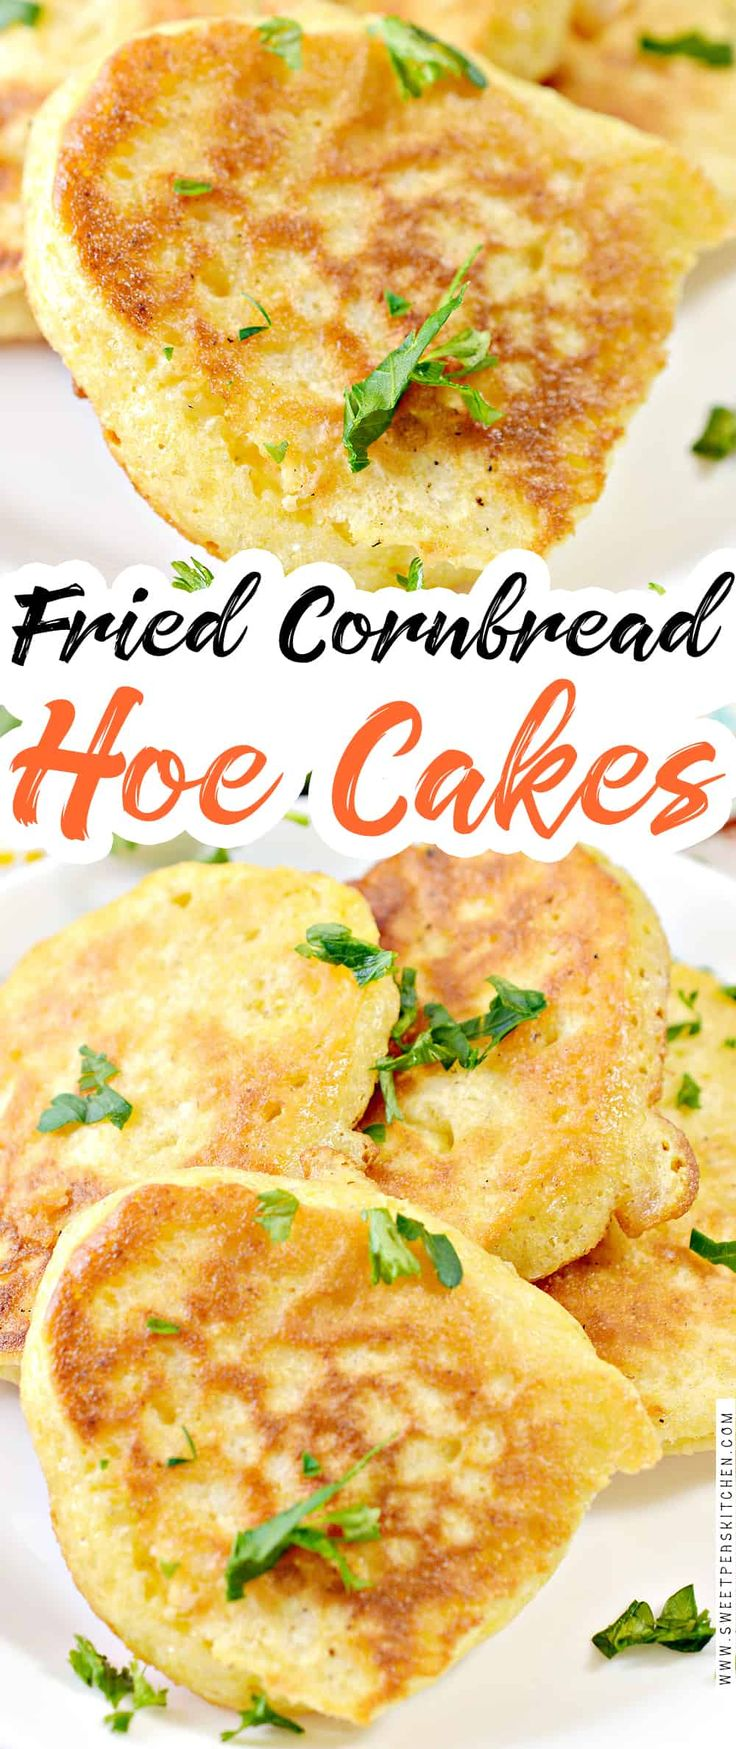 Fried cornbread hoe cakes recipe in 2020 hoe cakes